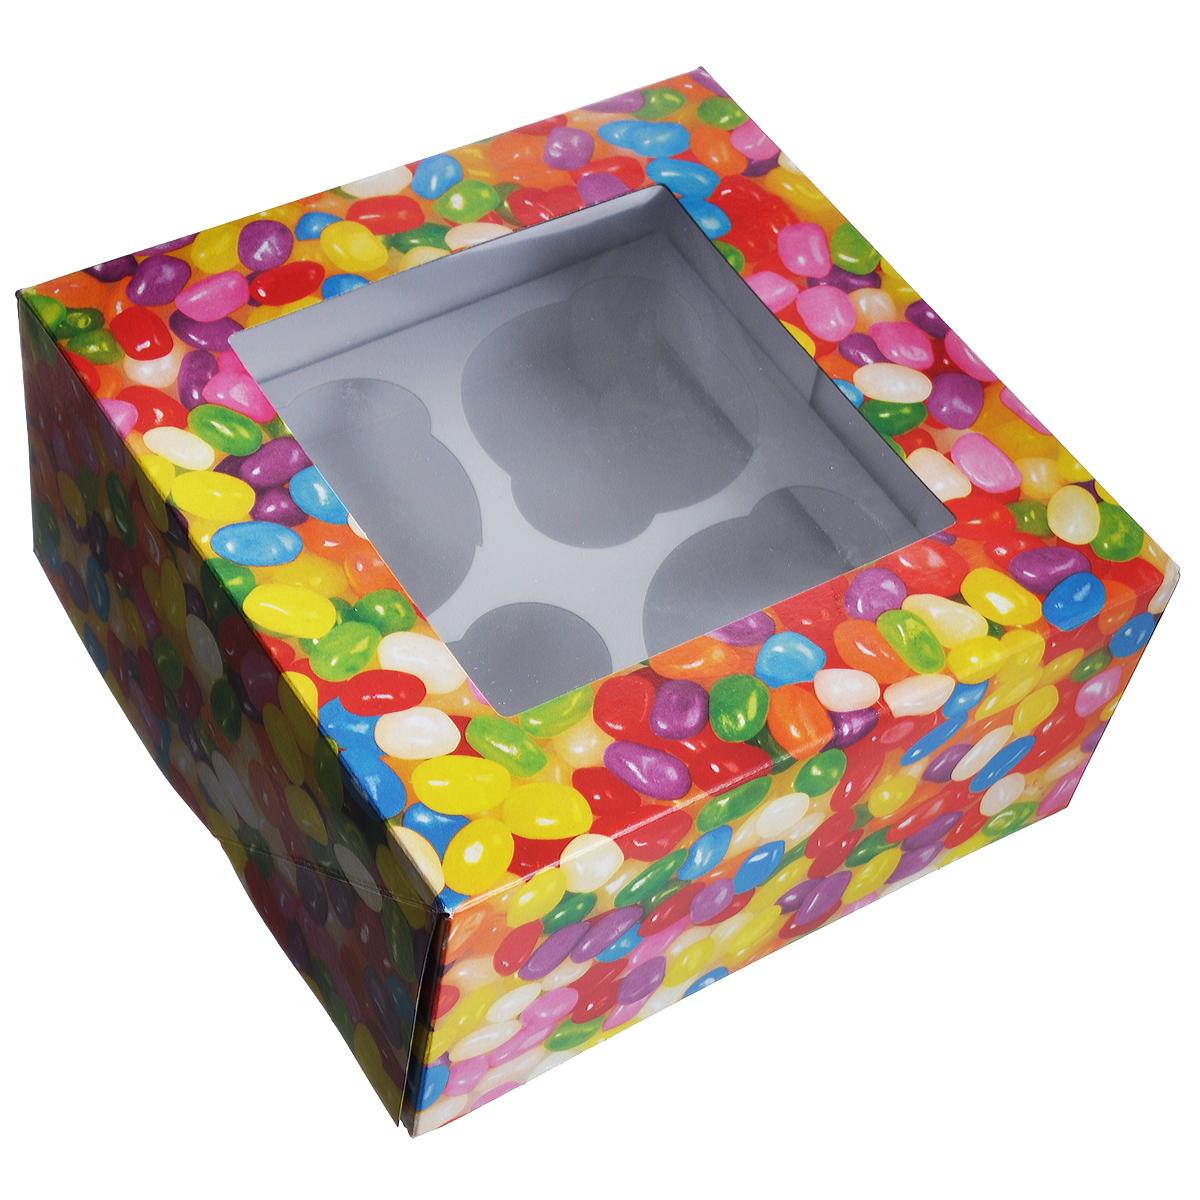 Набор коробок для сладостей Wilton Веселая фасоль, 15,8 см х 15,8 см х 7,6 см, 3 штWLT-415-2757Набор Wilton Веселая фасоль состоит из трех подарочных коробок, изготовленных из картона и предназначенных для упаковки кондитерских изделий. Каждая коробочка оснащена небольшим окошком, благодаря которому можно видеть содержимое. Коробка Wilton Веселая фасоль - идеальная подарочная упаковка для вашего сладкого подарка. Просто поместите внутрь пирожное, и удивительно красивый и вкусный подарок готов! Набор также подходит для транспортировки кондитерских изделий. Размер коробочки: 15,8 см х 15,8 см х 7,6 см.